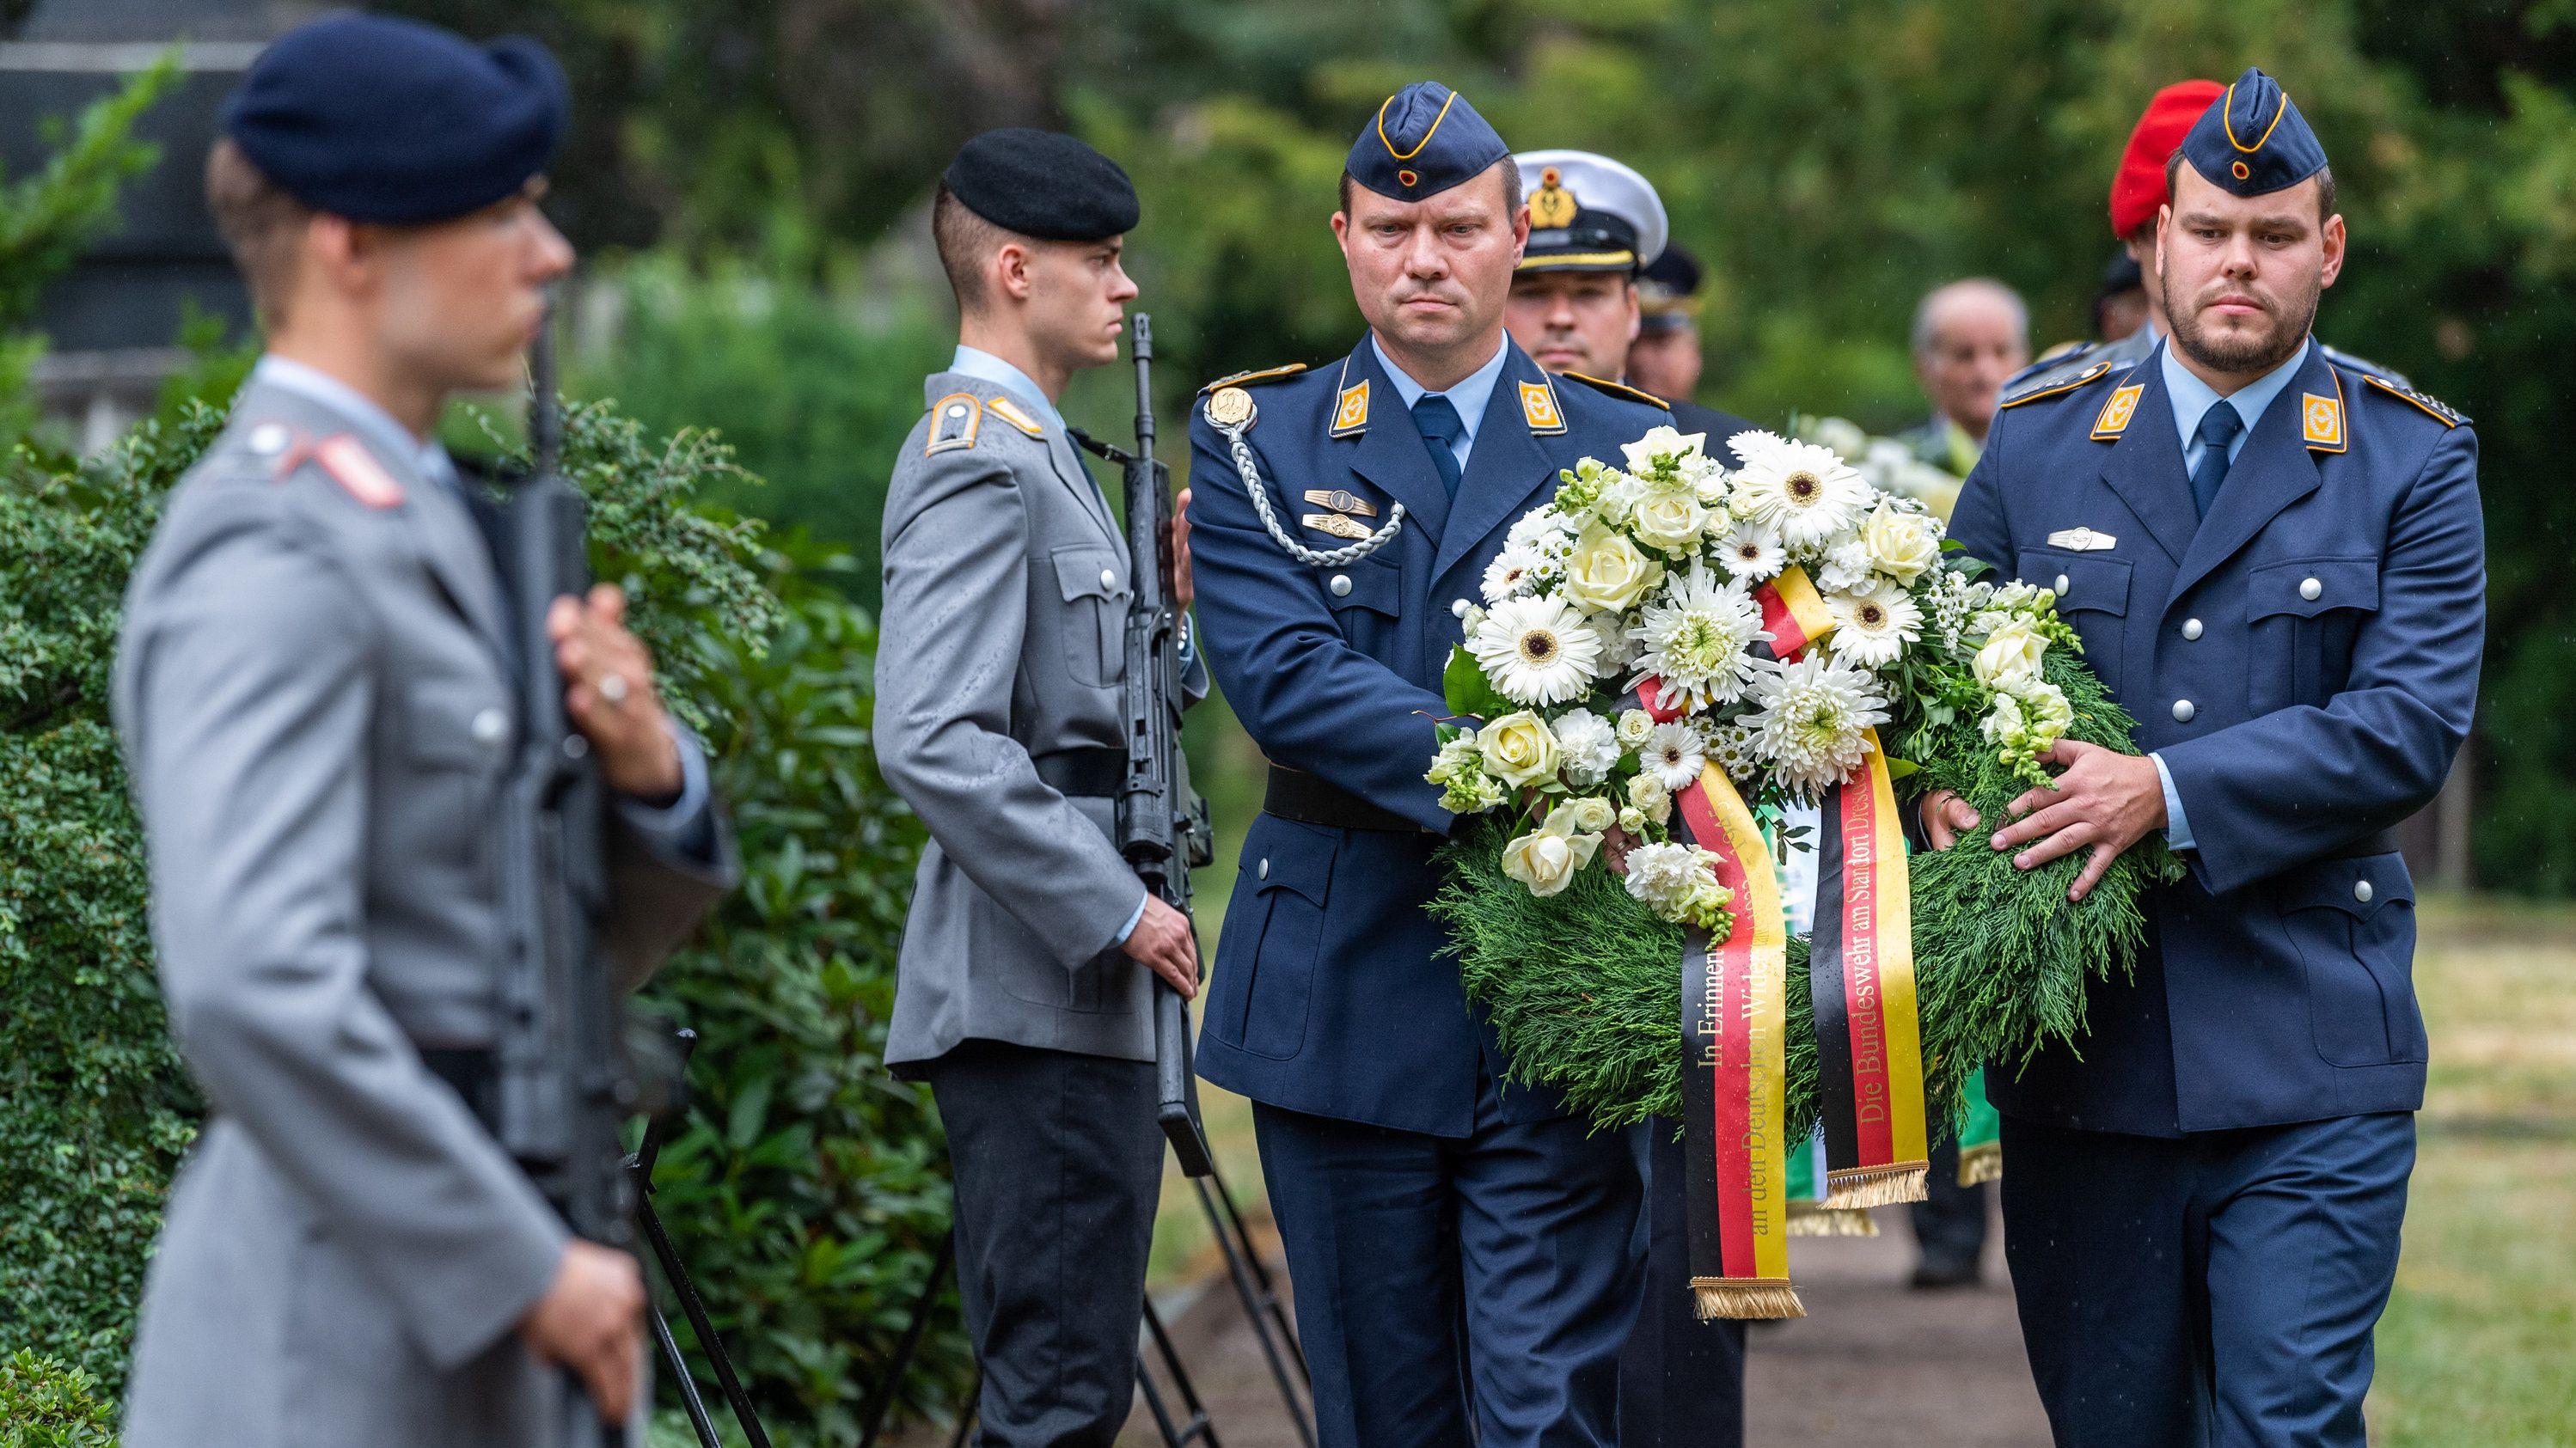 Marinesoldaten tragen beim Ehrengedenken der Bundeswehr anlässlich des 75. Jahrestages des von Claus Schenk Graf von Stauffenberg begangenen Attentates auf Adolf Hitler vom 20. Juli 1944 auf dem Nordfriedhof Kränze zu den Ehrengräbern